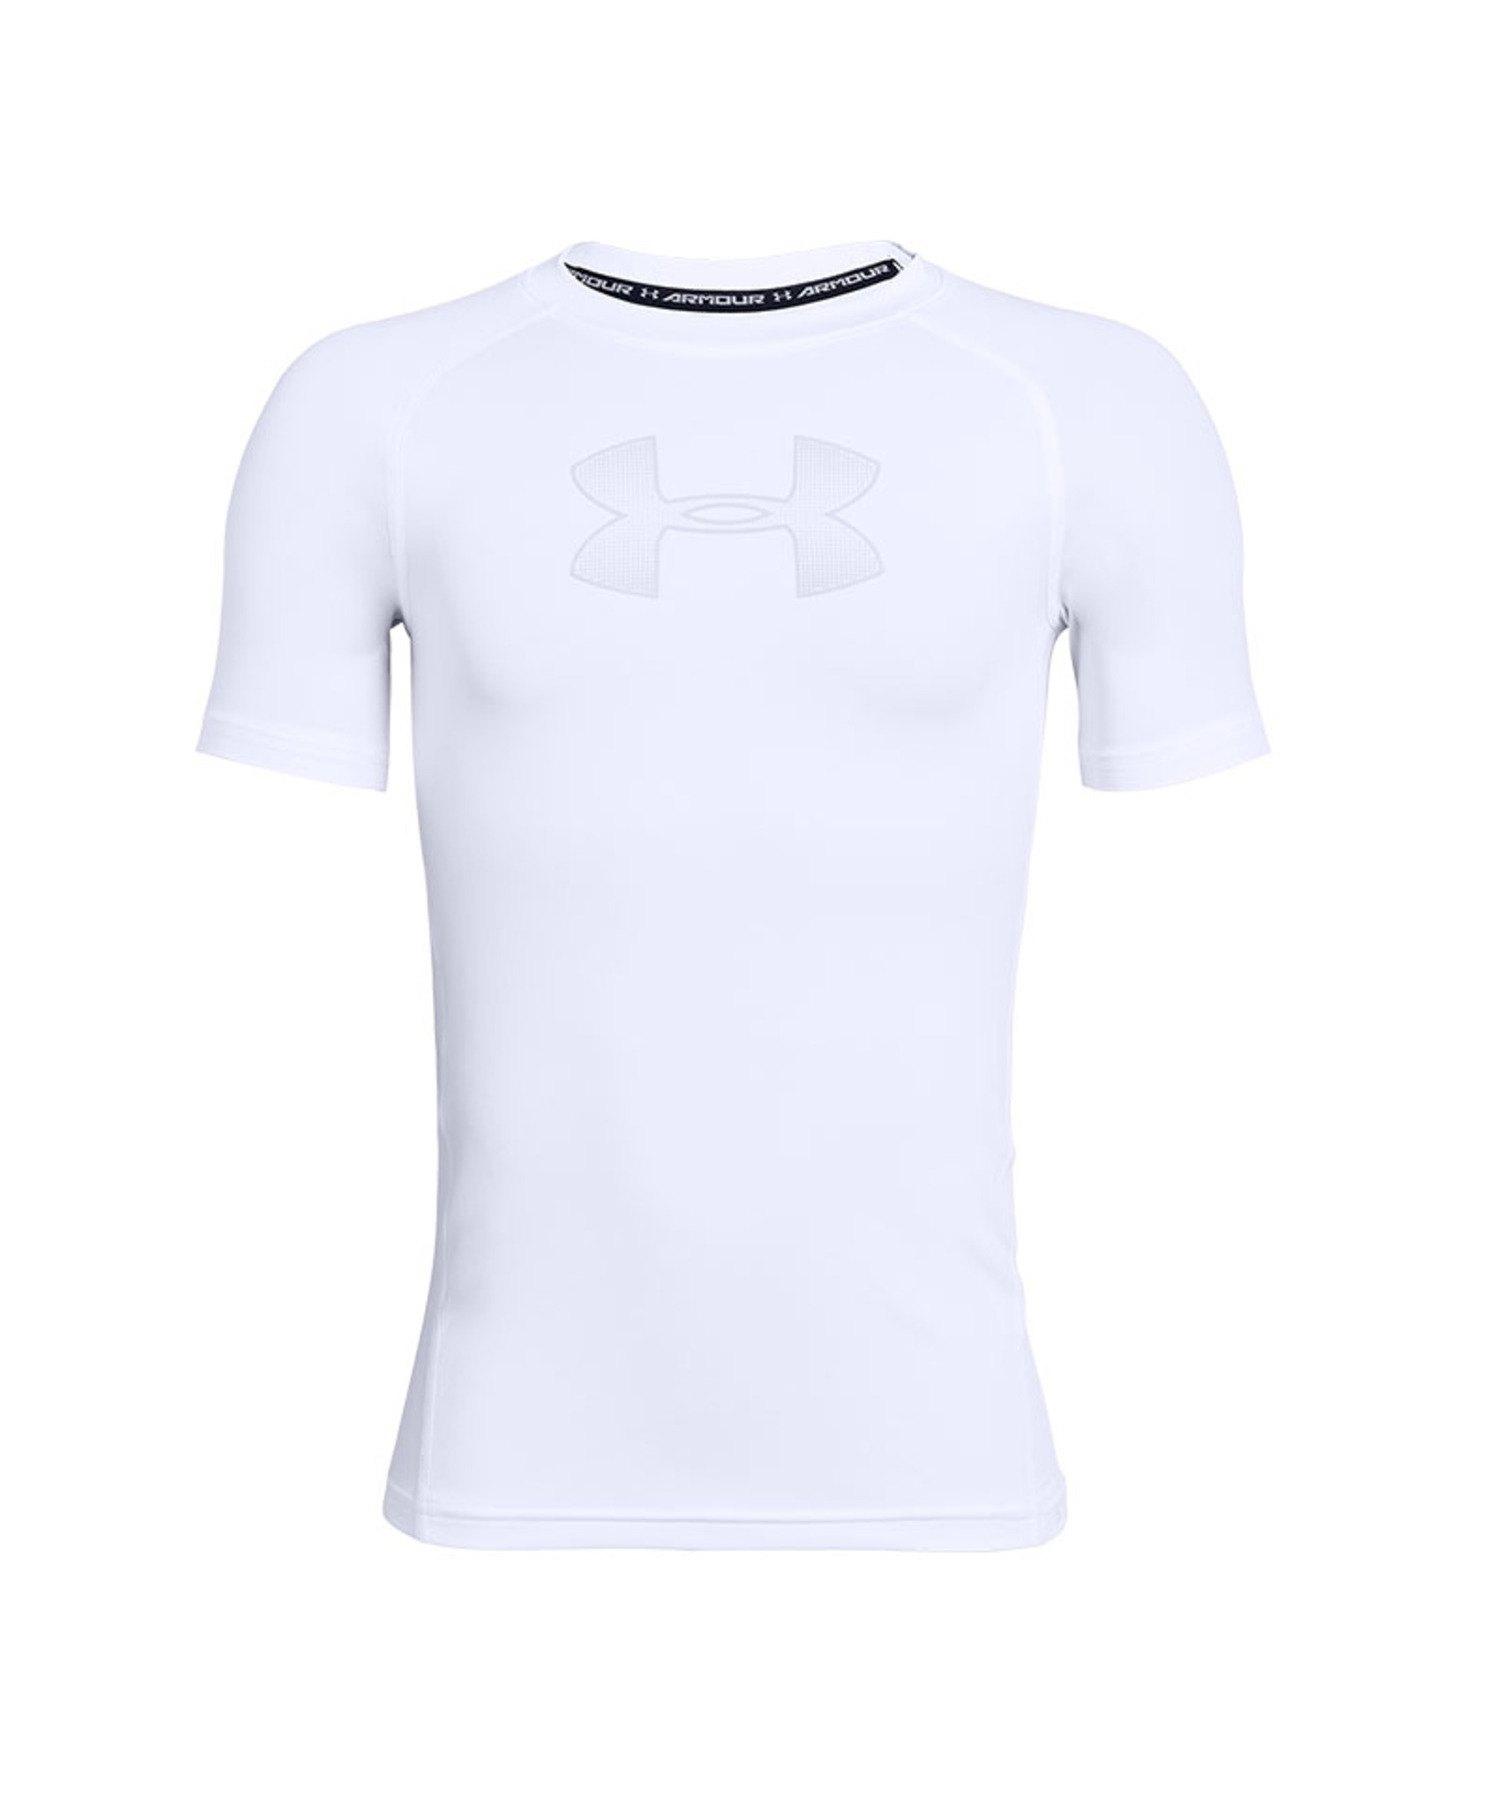 Under Armour HeatGear SL Shirt Kids Weiss F101 - weiss